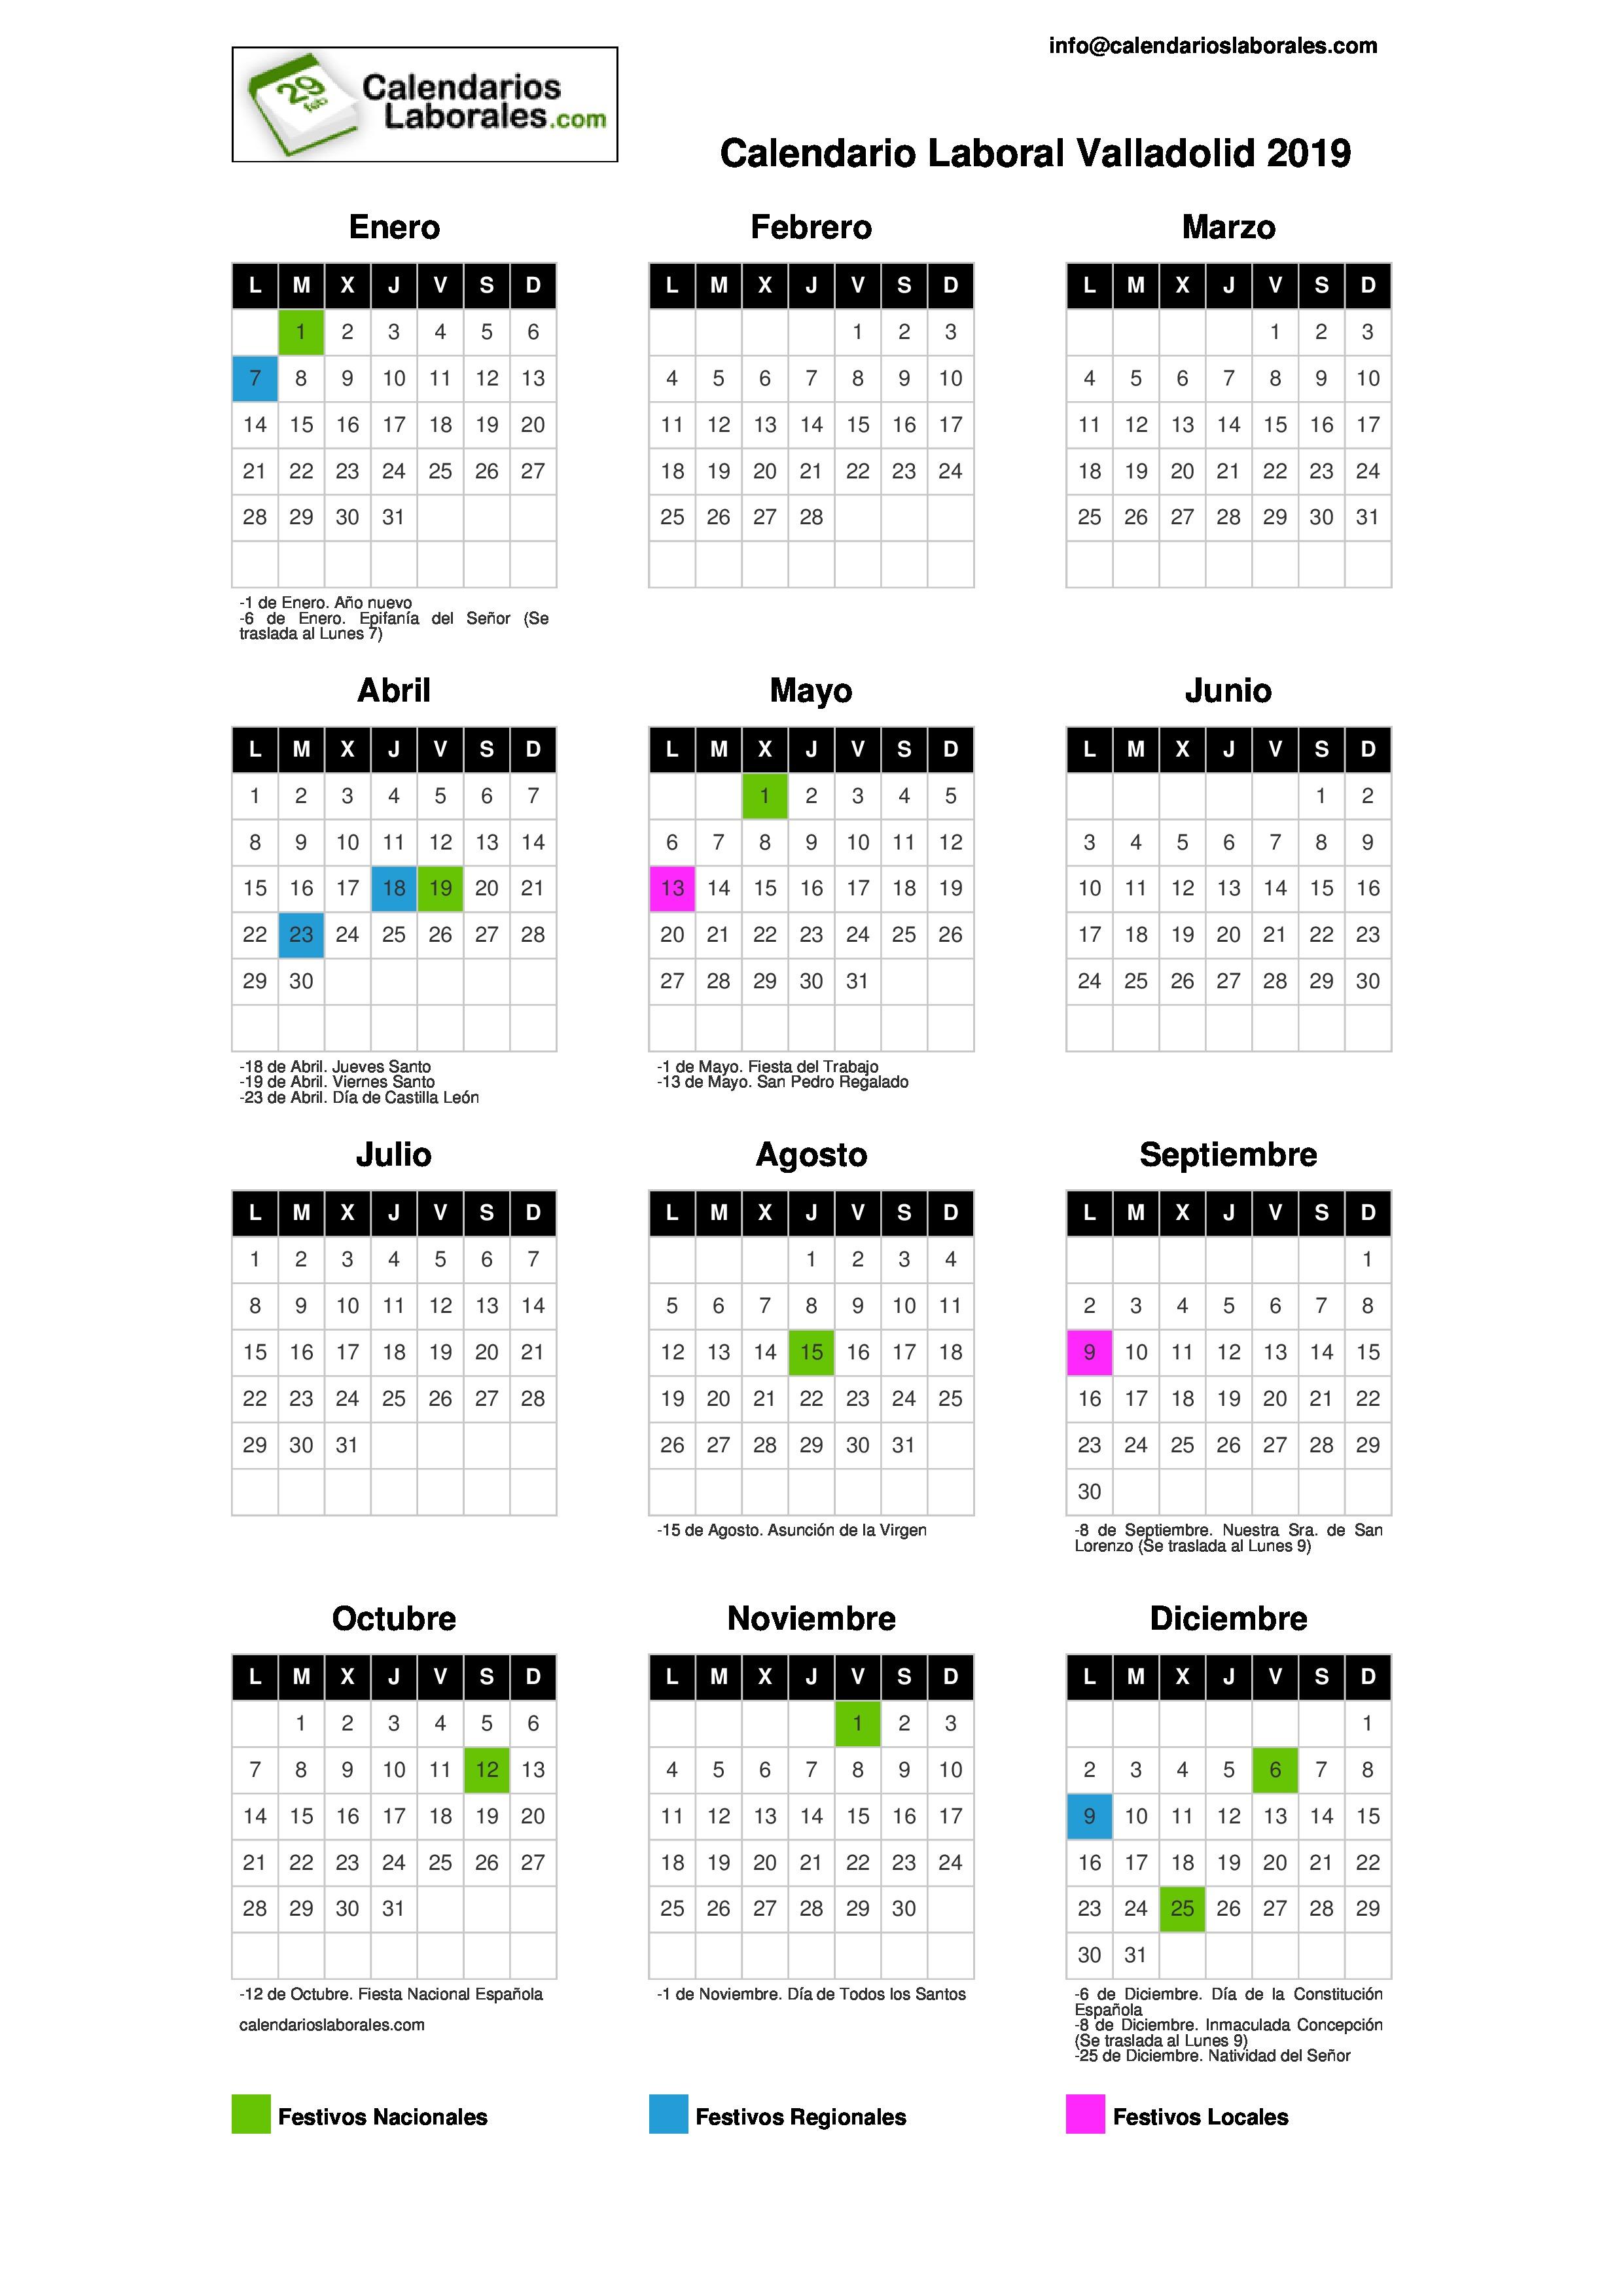 Calendario Laboral Valladolid.Calendario Laboral Valladolid 2019